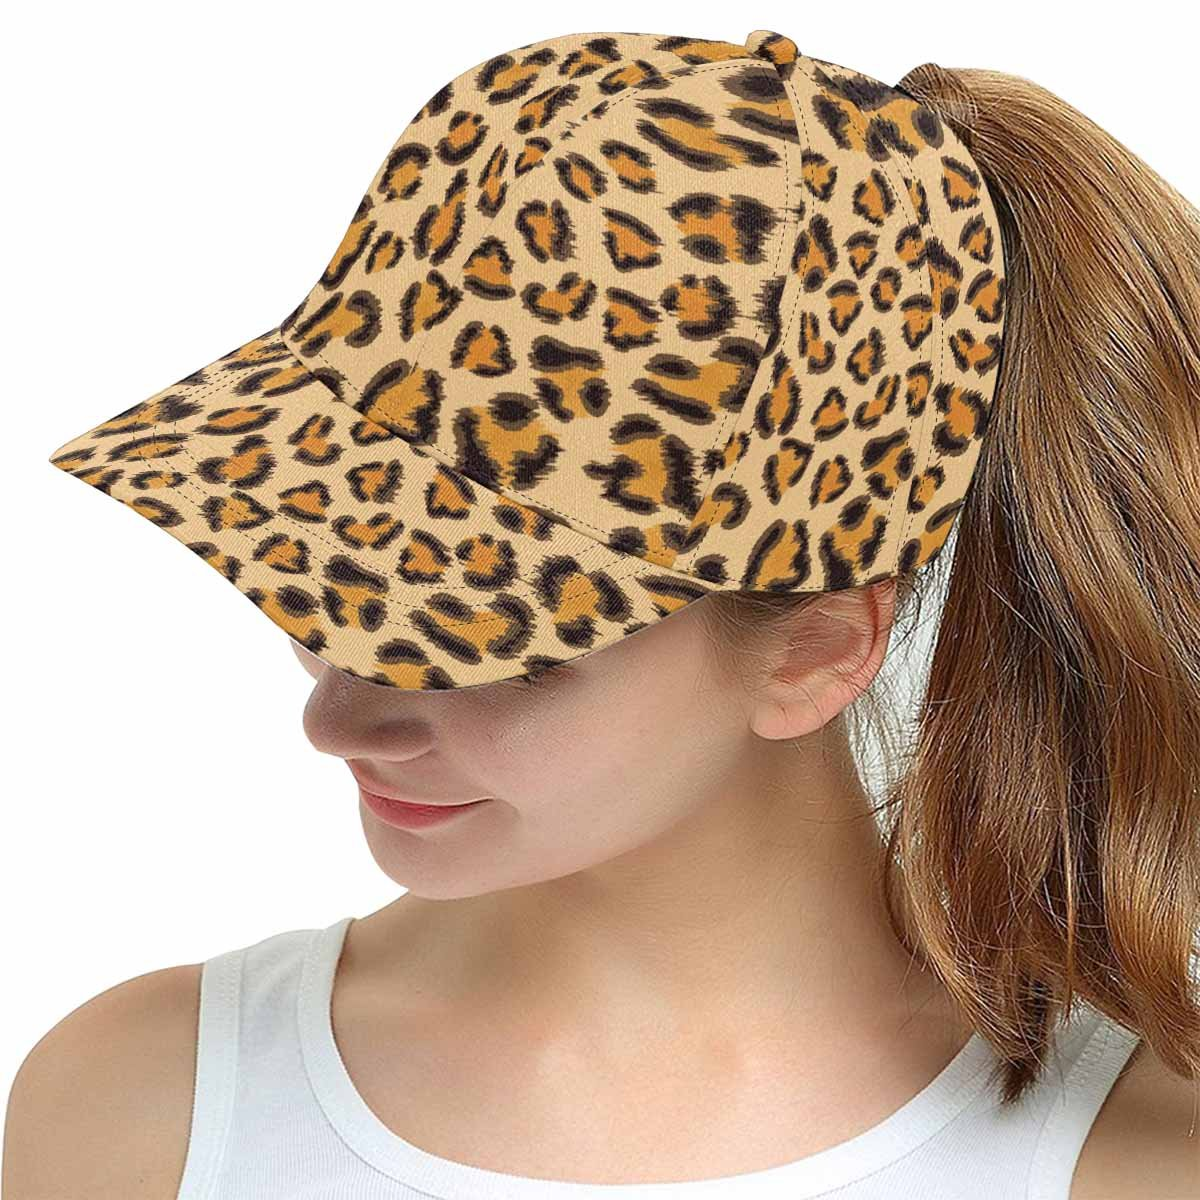 InterestPrint Adjustable Snapback Hat Leopard Background